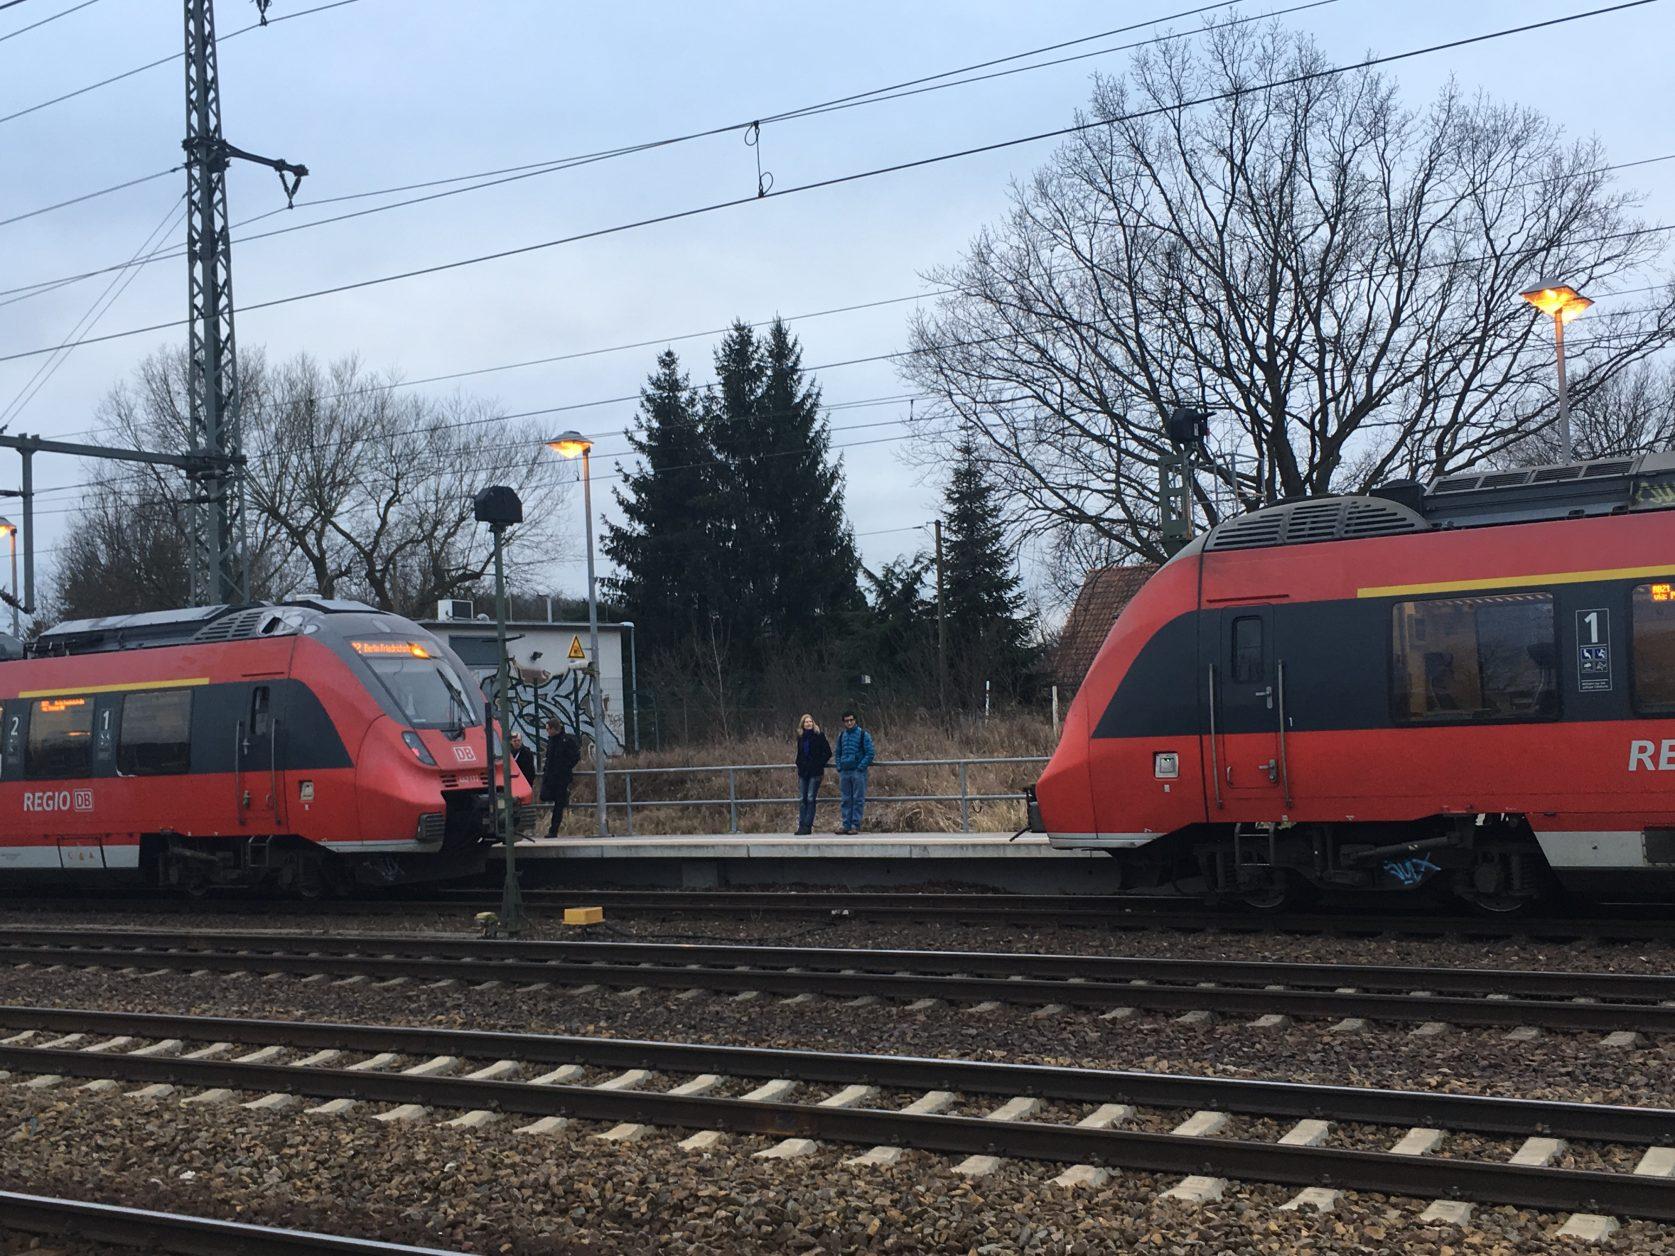 RB 21 beim Koppeln auf dem Bahnhof Potsdam - Golm, Foto: D.Weirauch